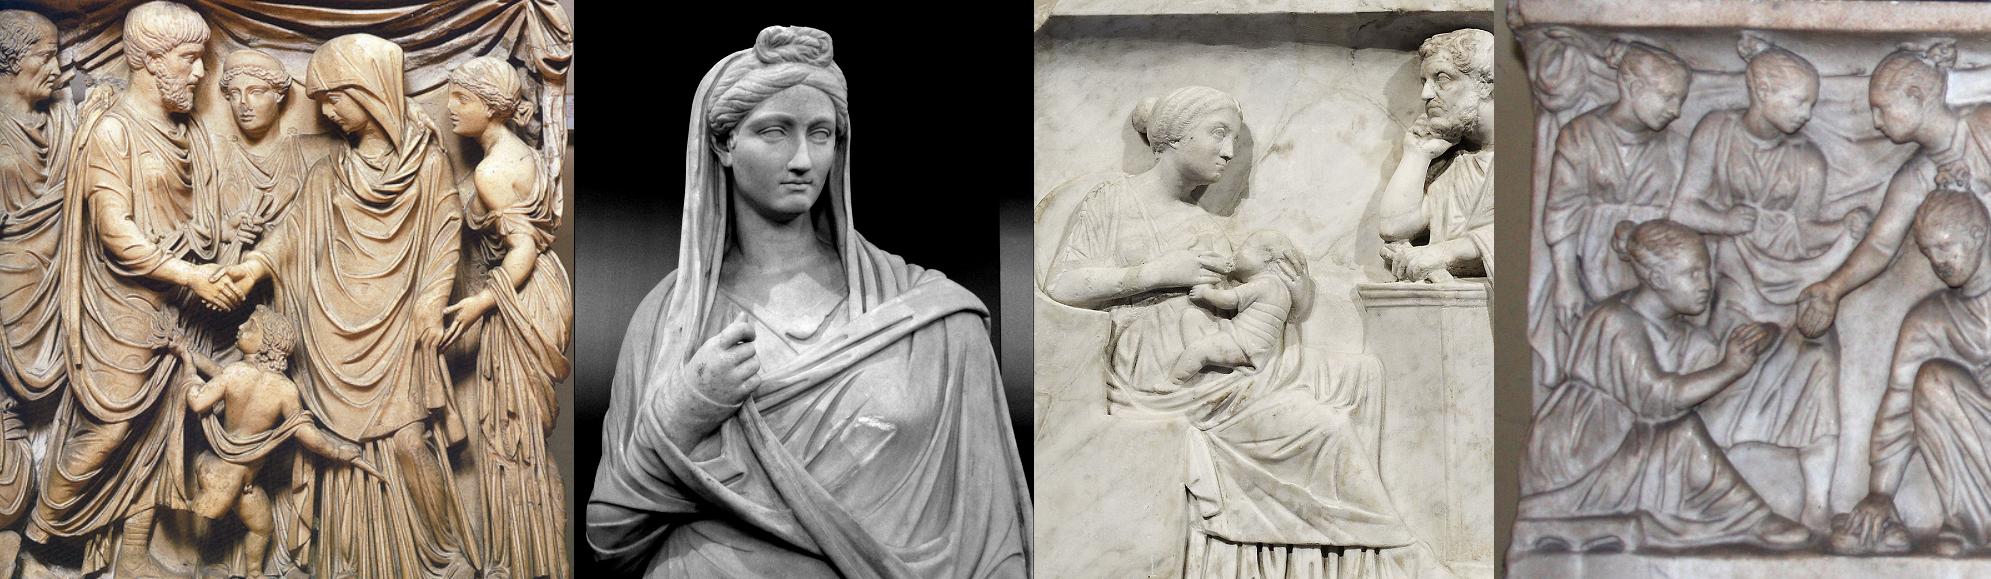 上图:古罗马浮雕上的一系列妇女形象,表明当时希腊罗马妇女并非都必须蒙头。左一是婚礼的场面,其中新娘蒙头,伴娘不蒙头;左二是一位蒙头的已婚妇女;左三是一位不蒙头的哺乳母亲;左四是一群不蒙头的玩耍女孩。